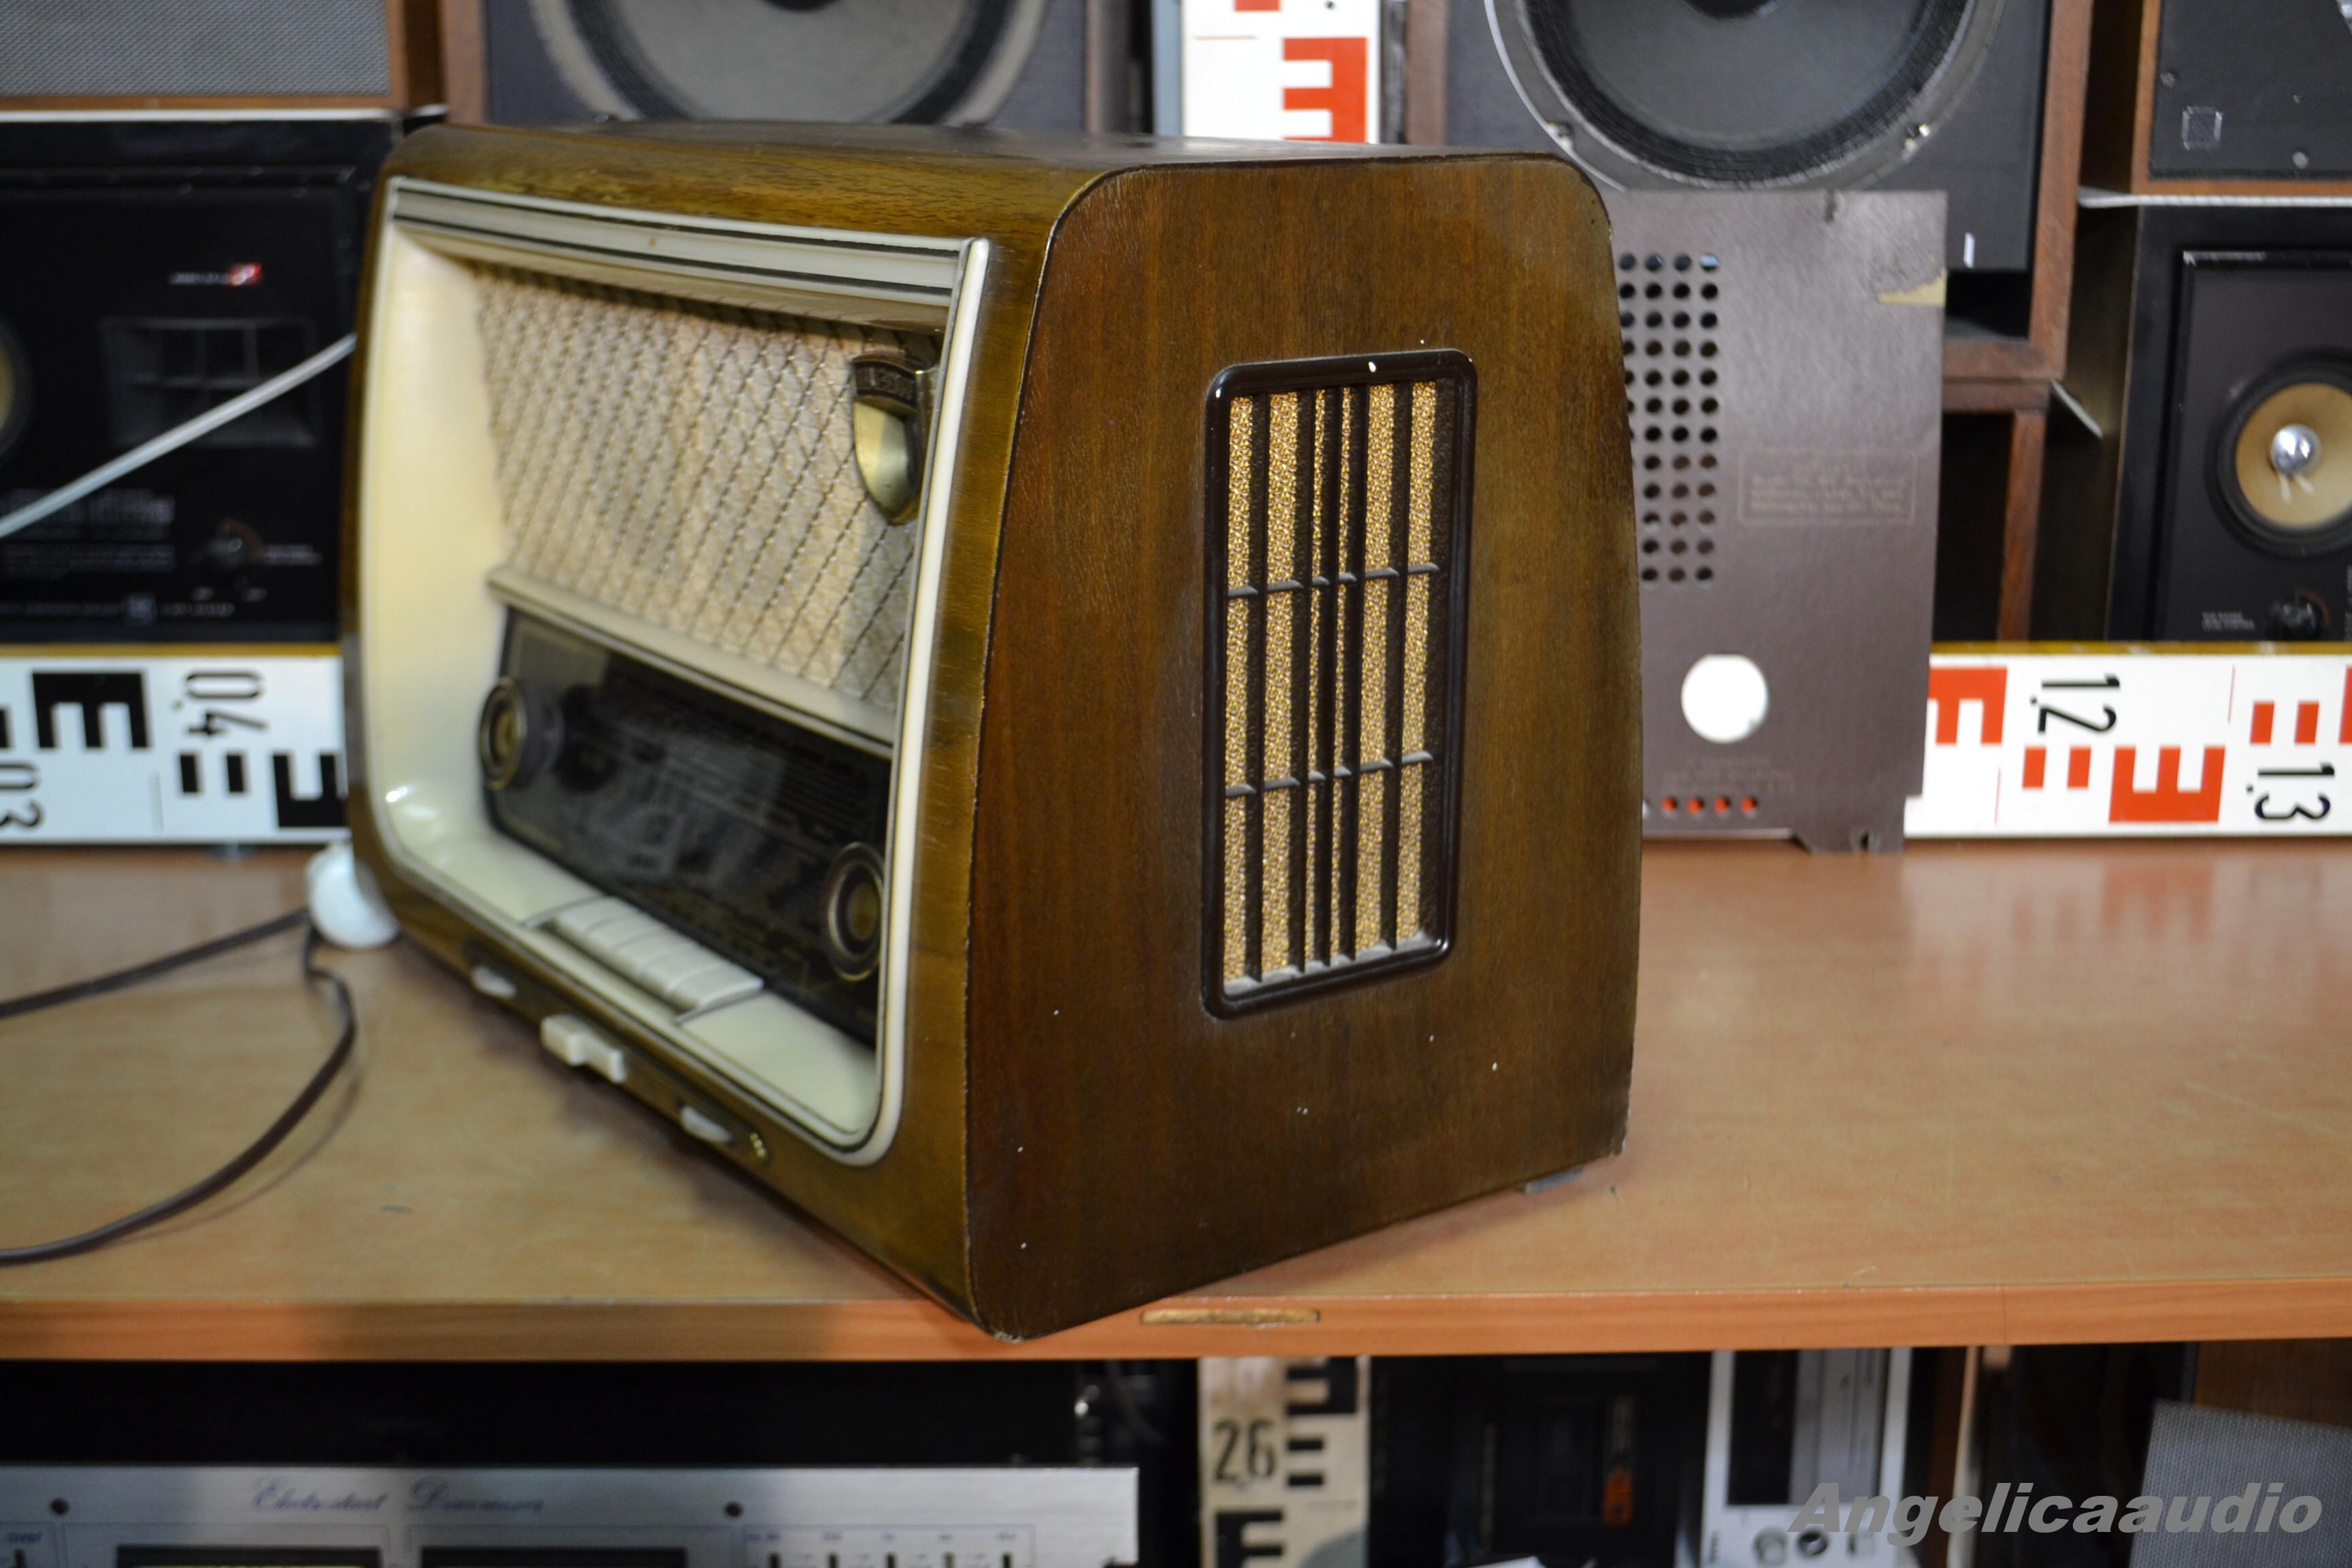 wega 202 wega radio stuttgart 1957 1958 angelicaaudio. Black Bedroom Furniture Sets. Home Design Ideas